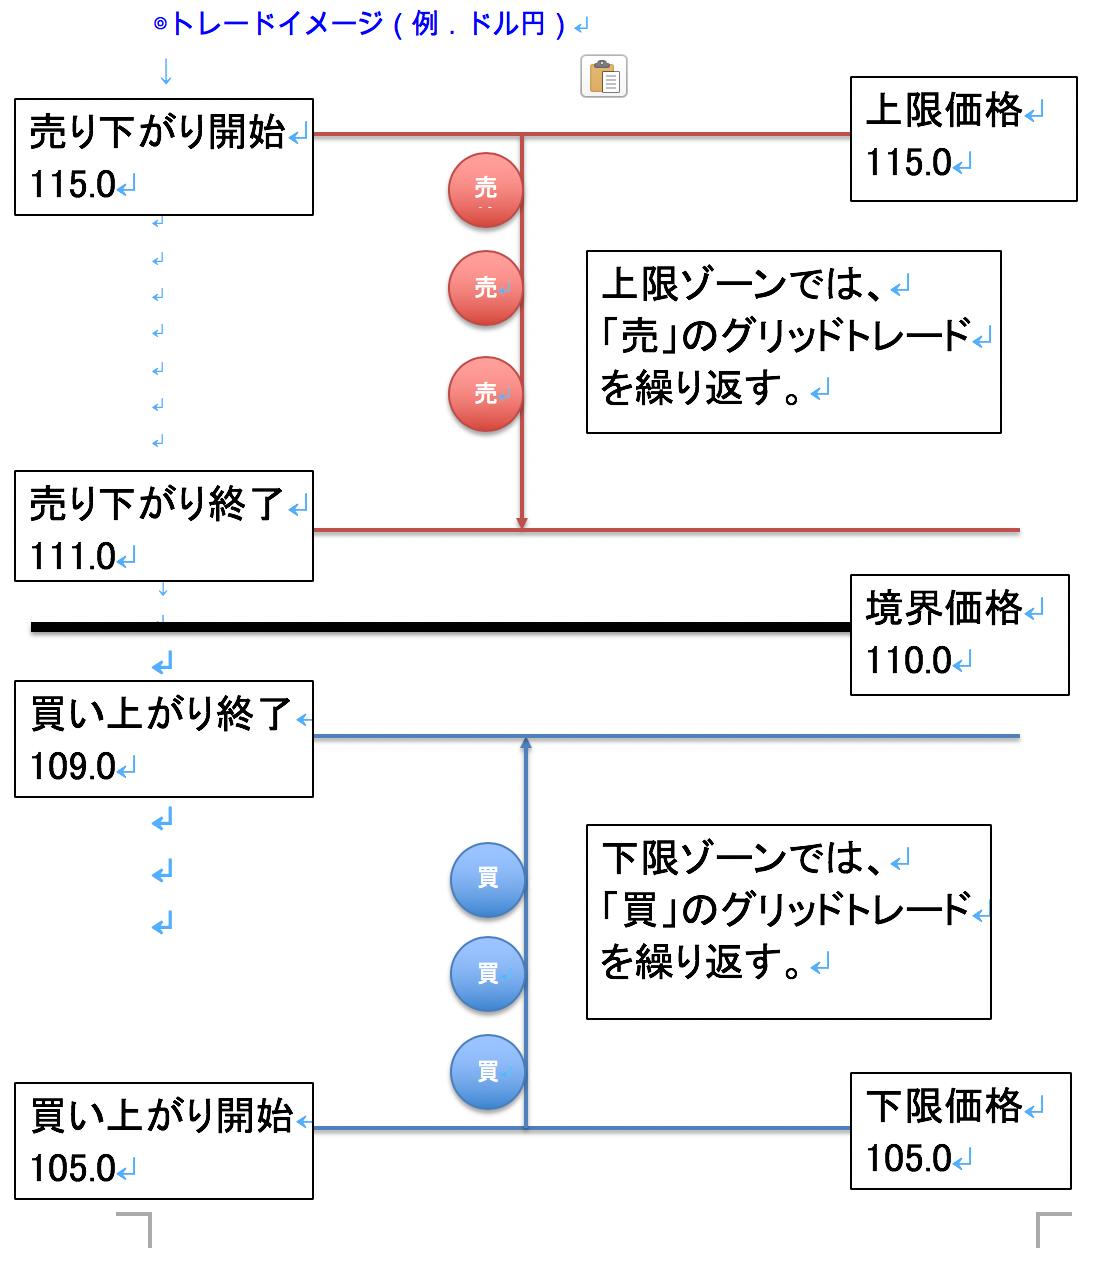 yumokin20190116_4.png